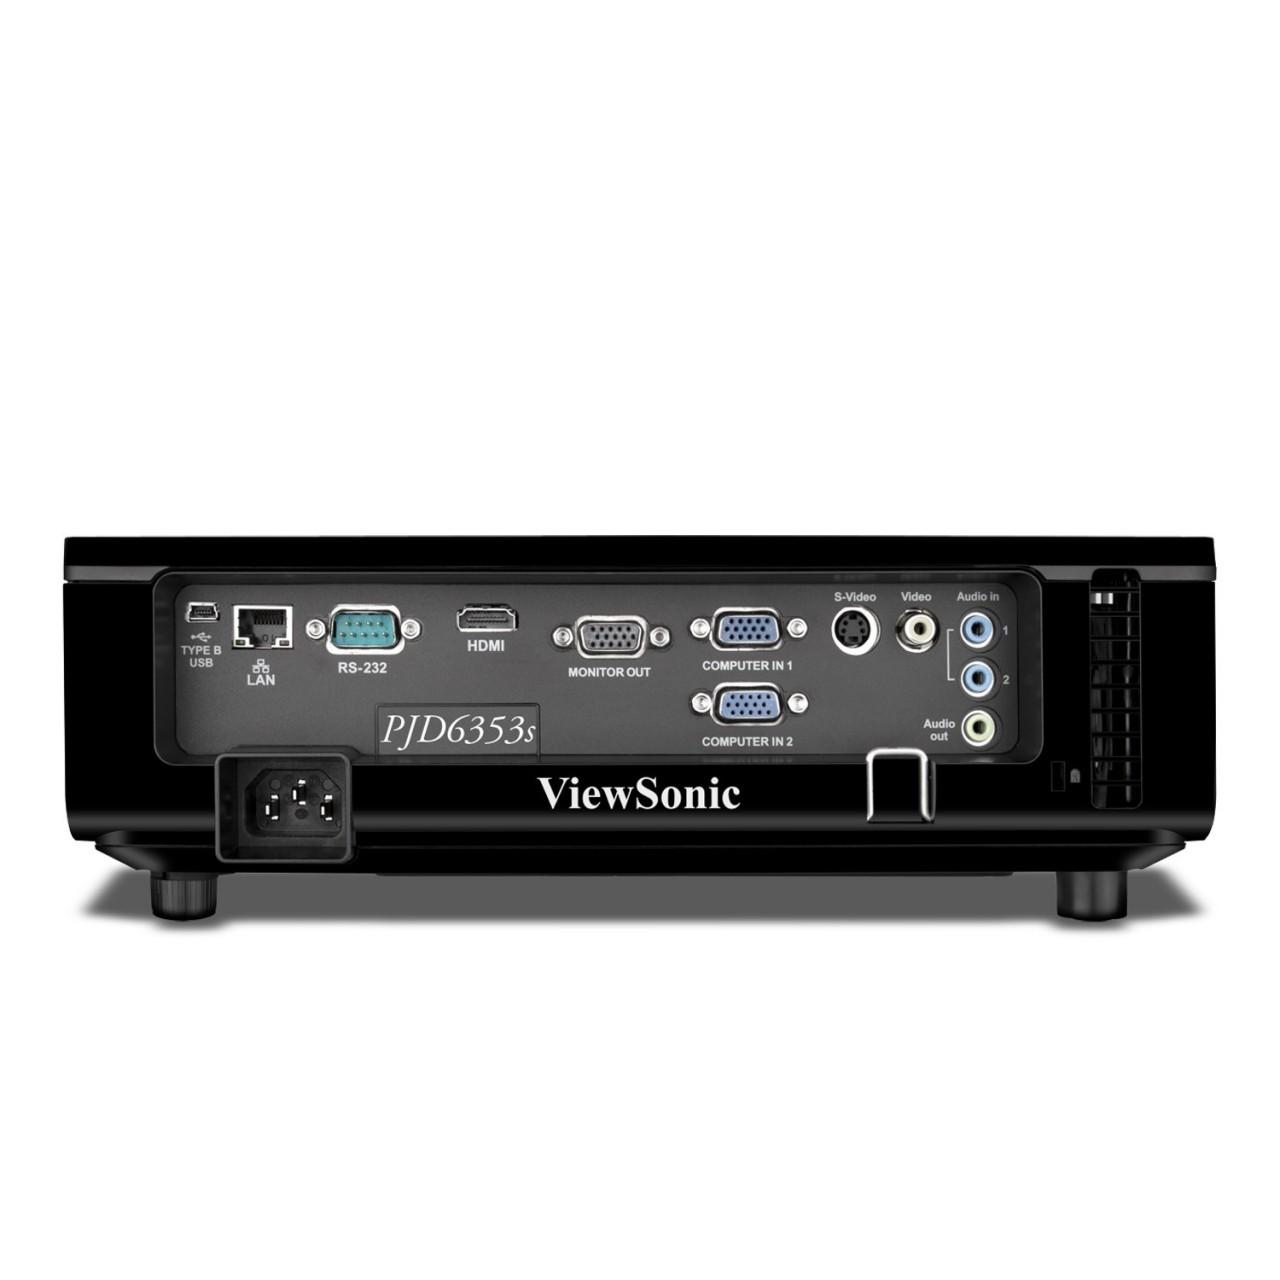 Viewsonic Pjd6353s Xga 1024x768 Dlp Projector In Pakistan 28